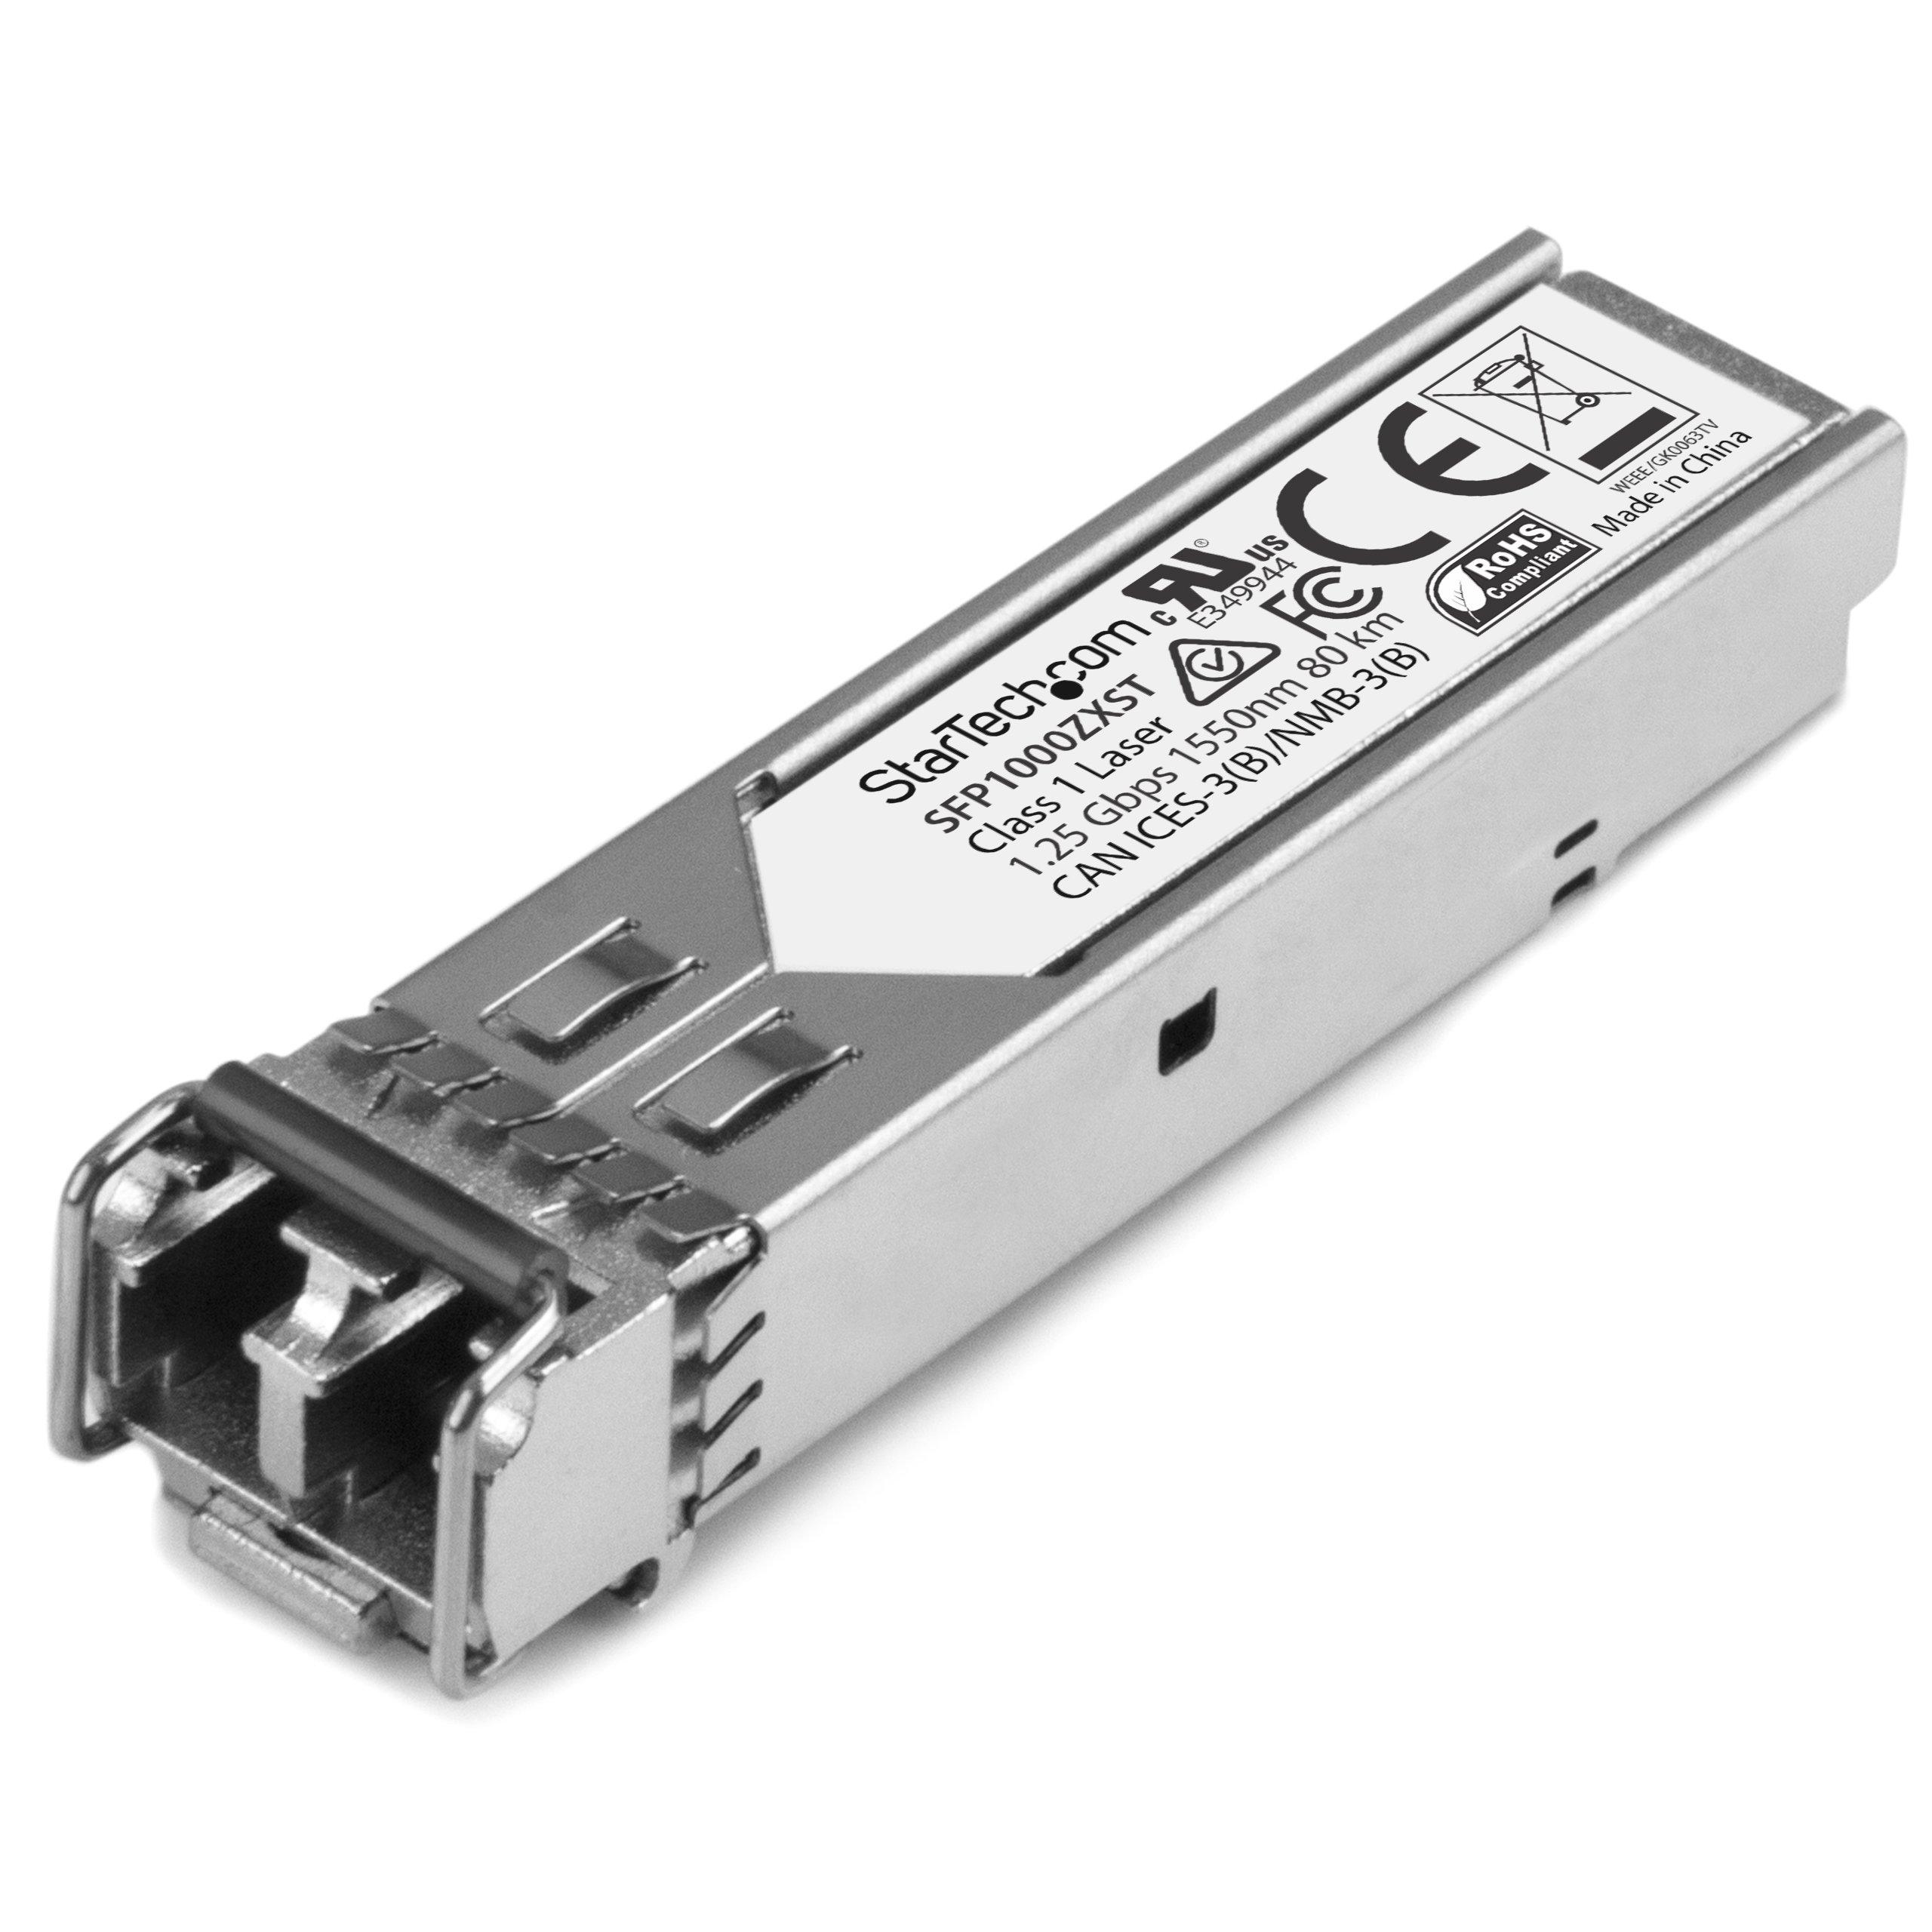 StarTech.com 1000BASE-ZX SFP Transceiver Module - 1 Gbps - 80 km - MSA Compliant Fiber SFP by StarTech